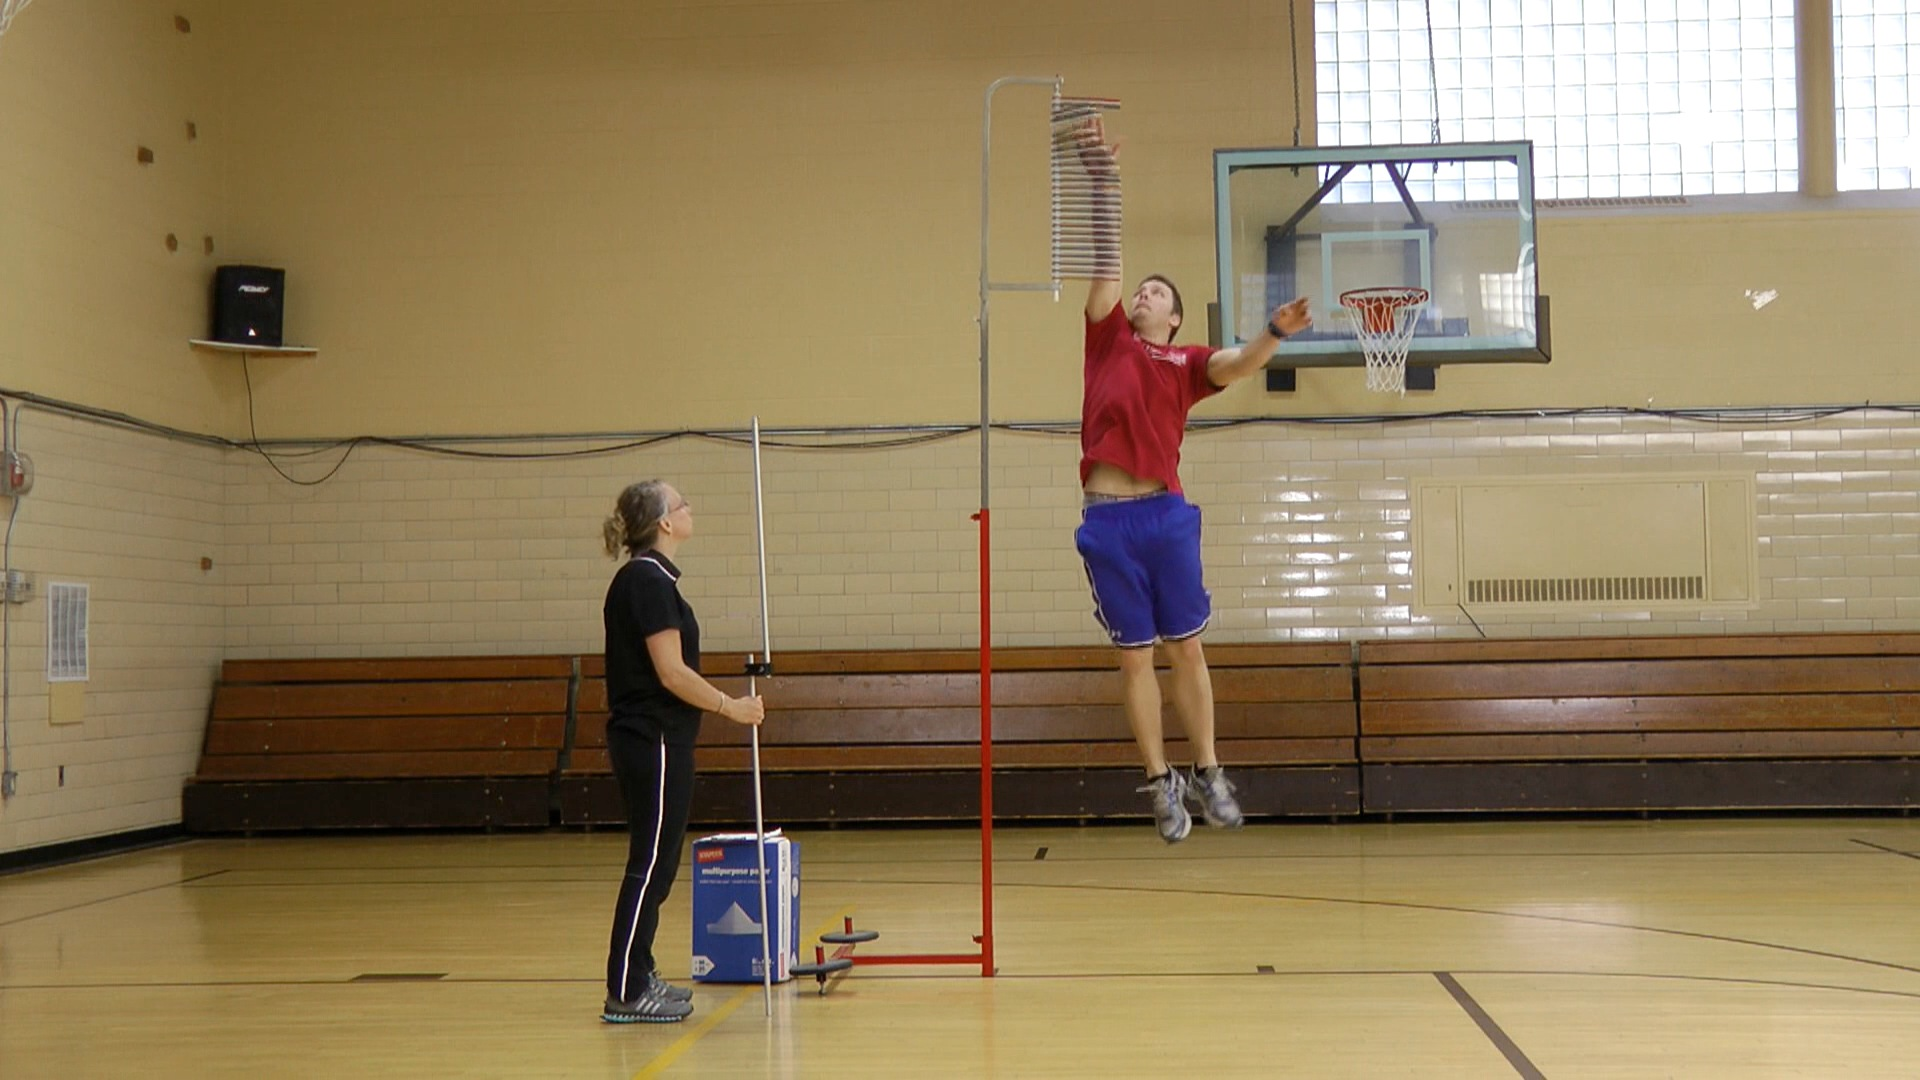 Jump and Reach: Hvor højt springer du?